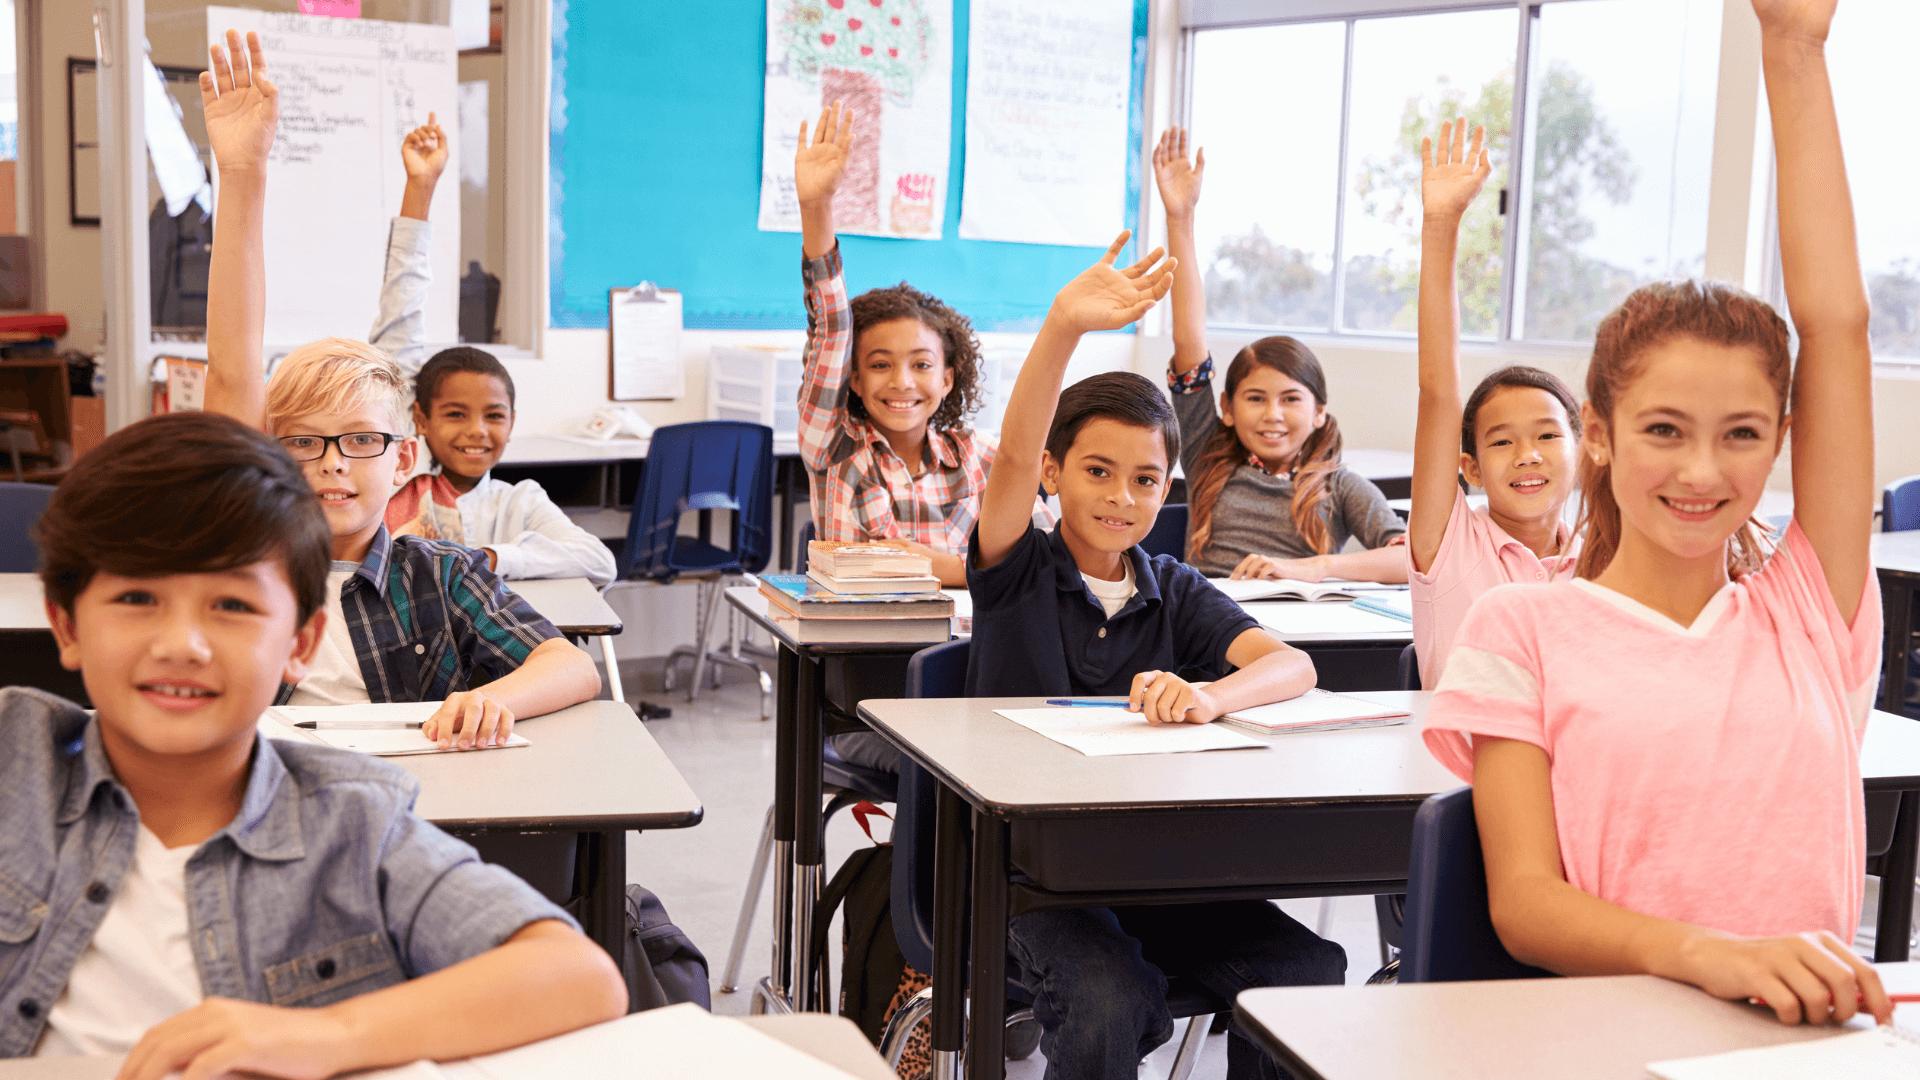 Effektive Wege zur Reduzierung der Ausbreitung von COVID-19 in Klassenzimmern